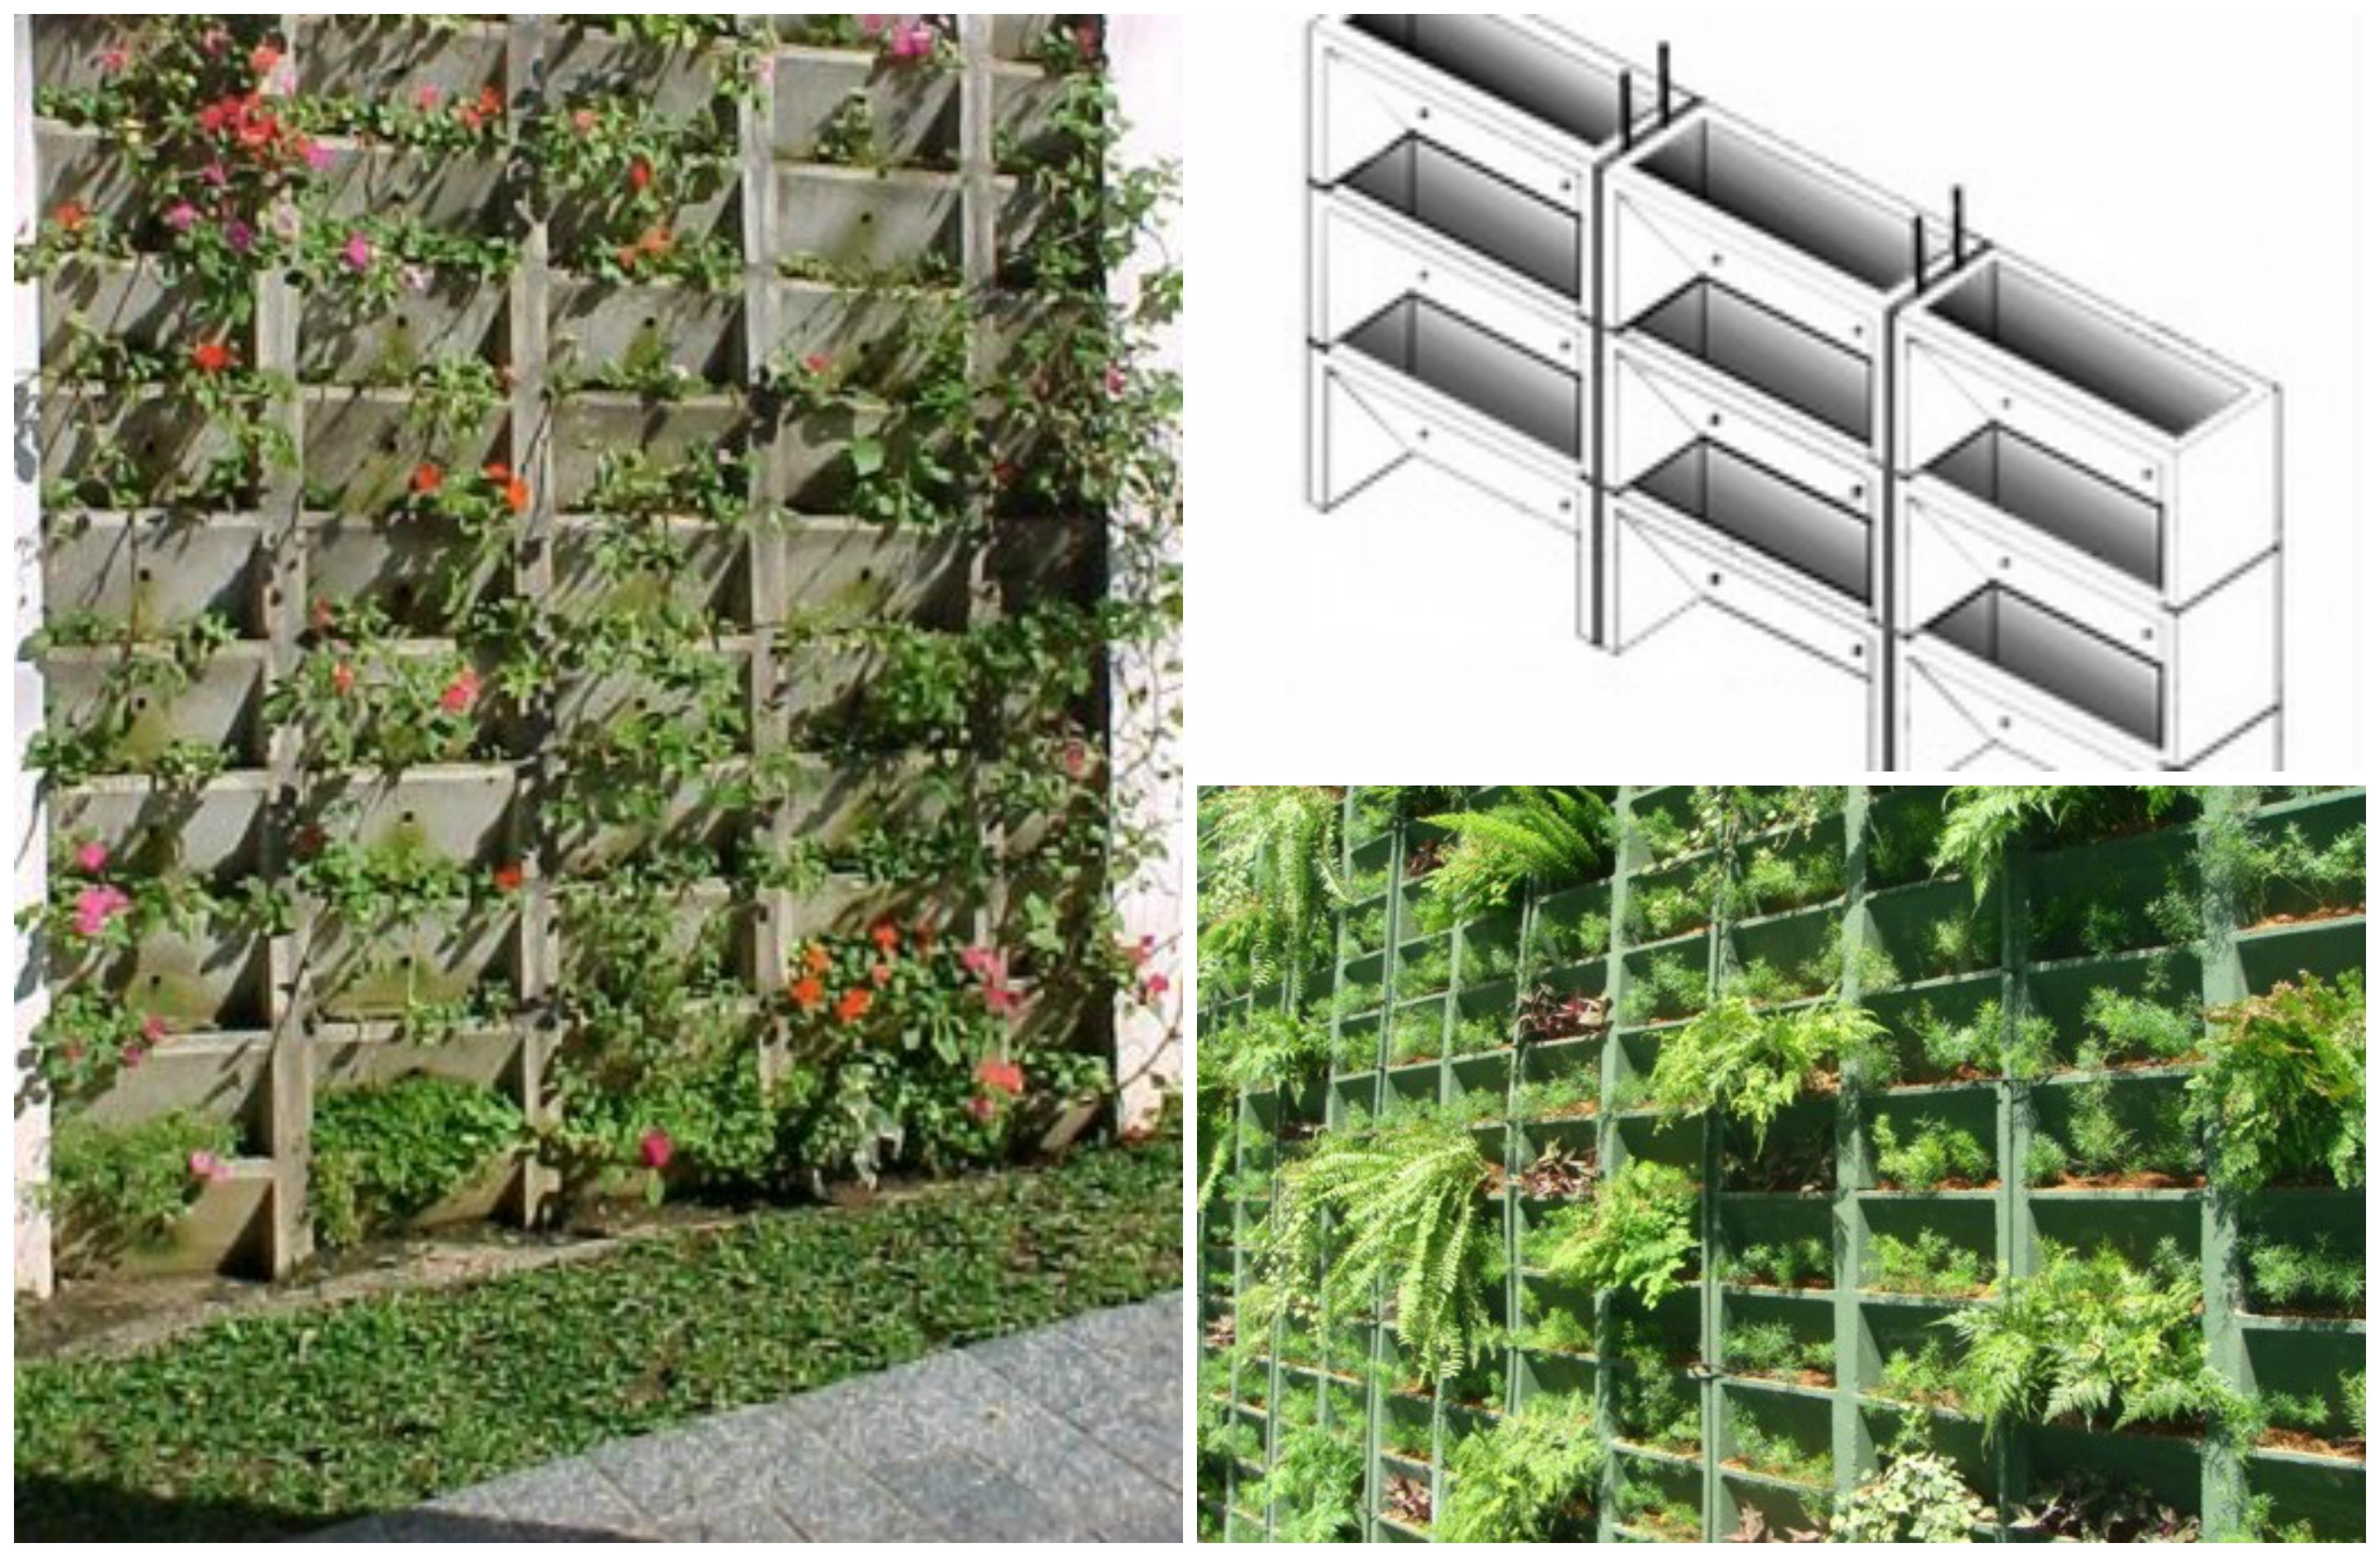 jardim vertical bloco : jardim vertical bloco:Pin Externo Utilizado En Las Ametralladoras Billnghurst Requa Volley